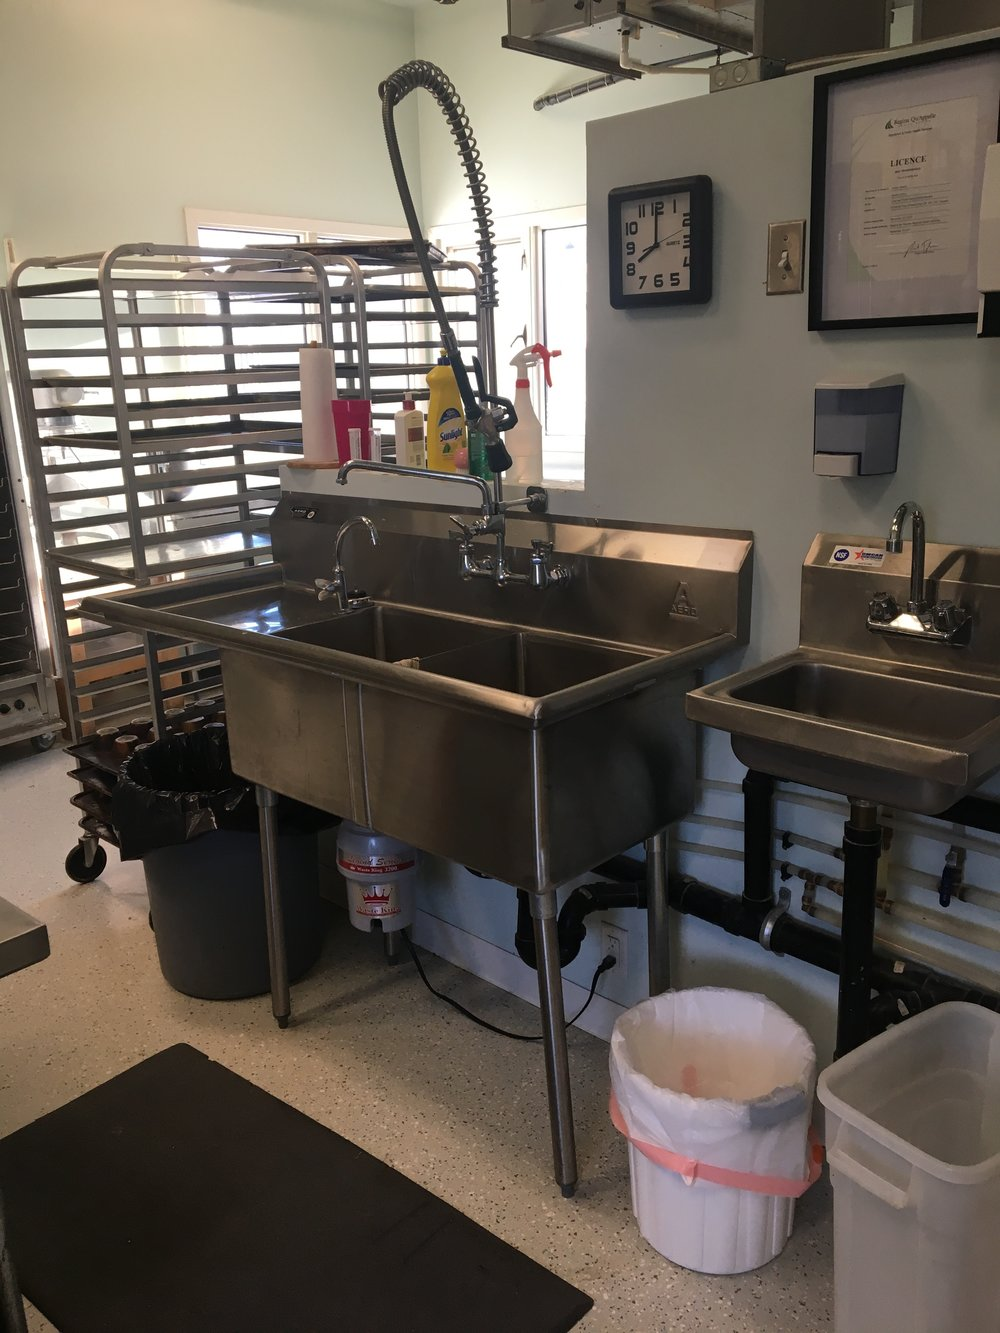 Hand Wash Sink & Prep Sink